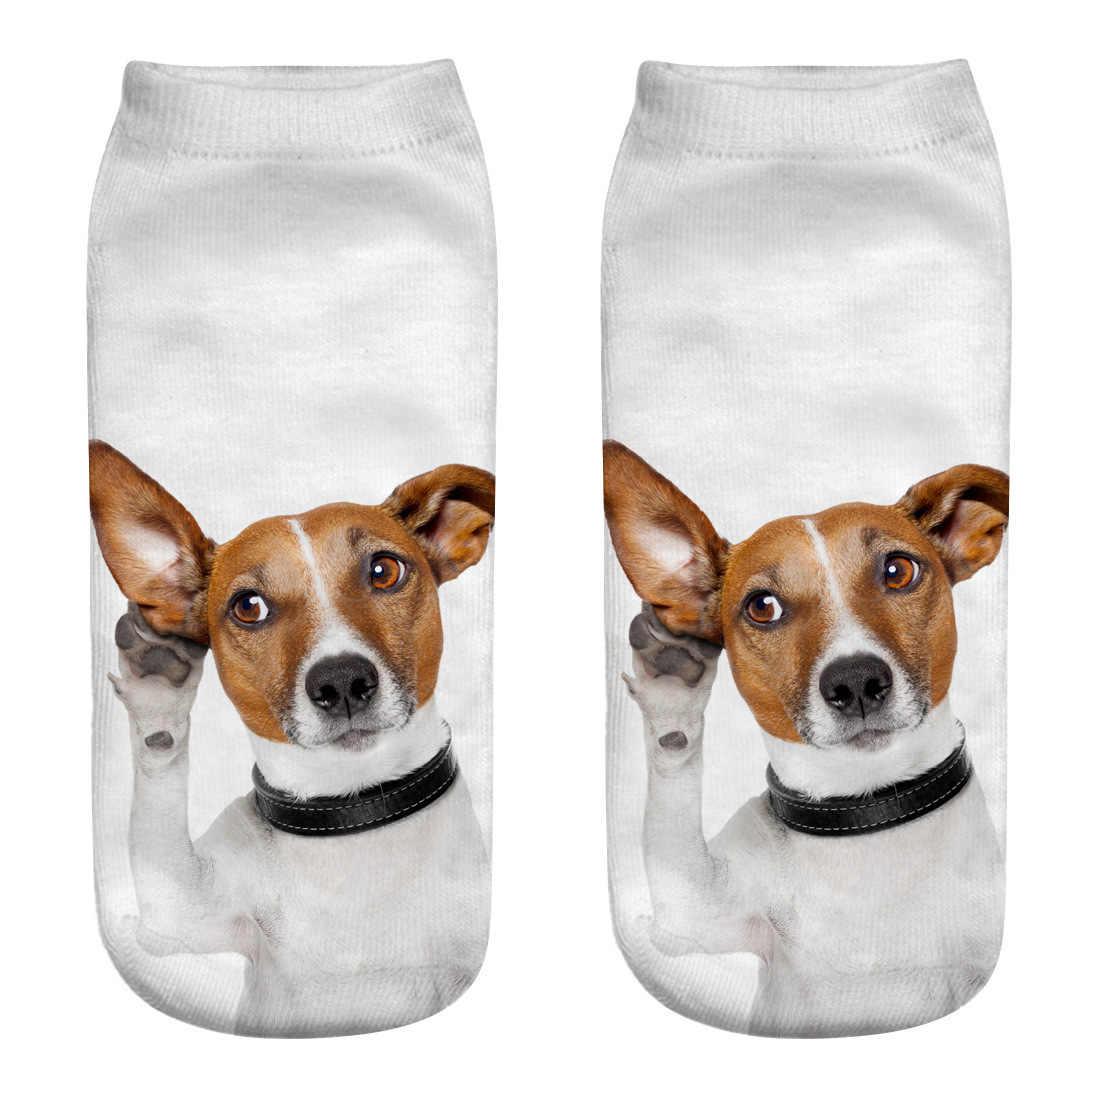 パグ靴下女性の冬の秋春パグ靴下妊婦綿のための安価なものママ